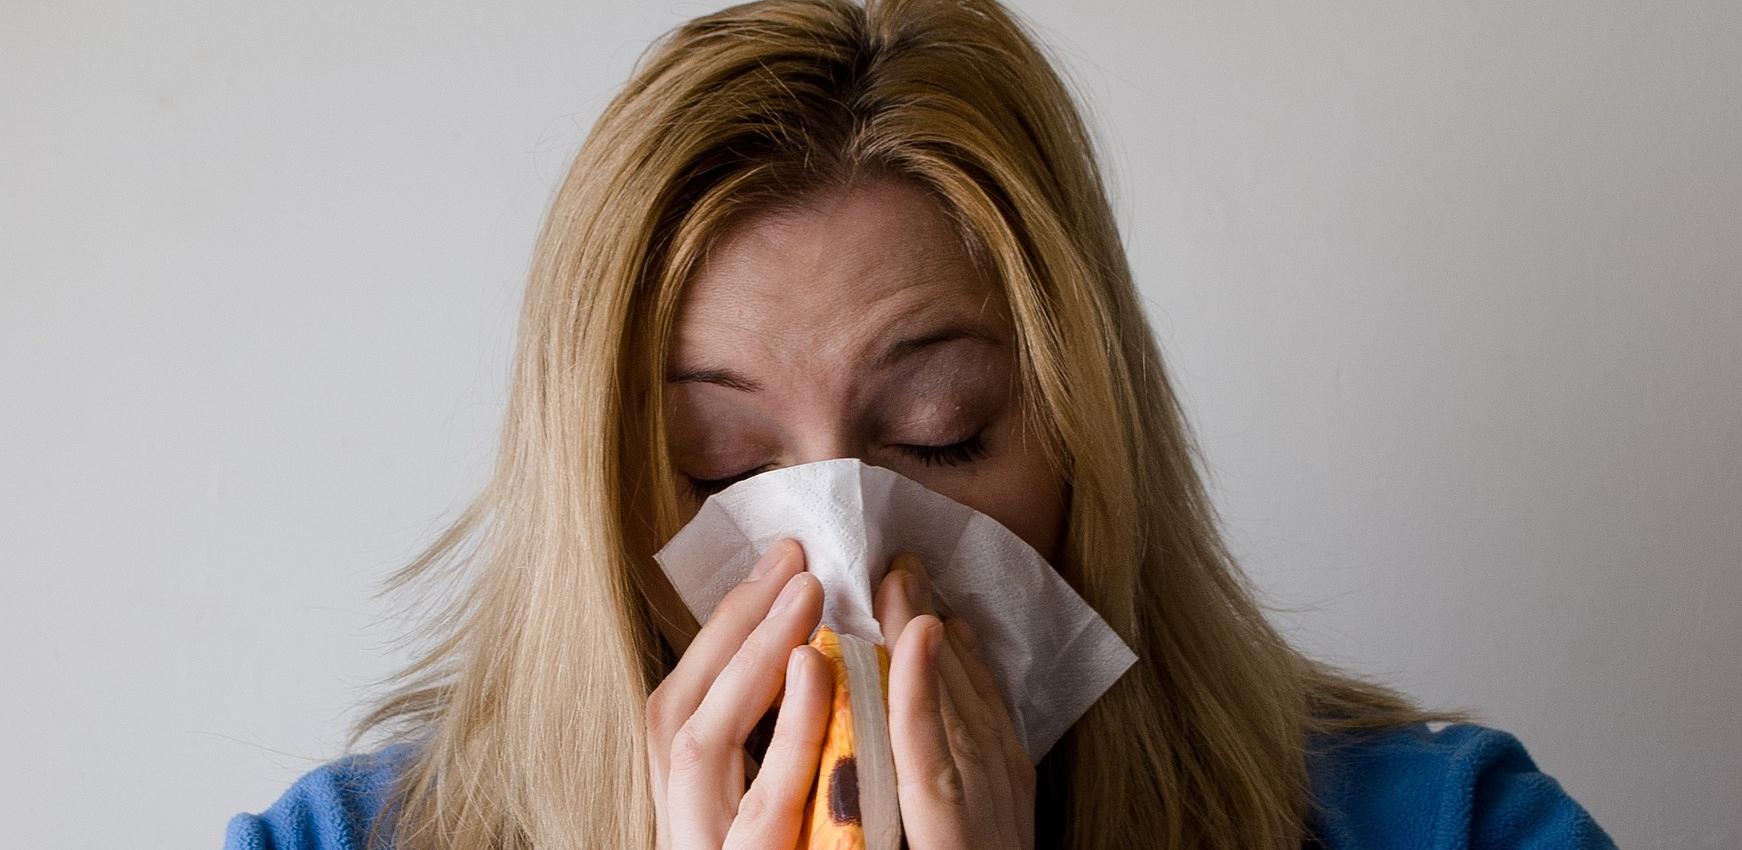 astma to uciążliwa choroba cywilizacyjna niełatwa do wyleczenia